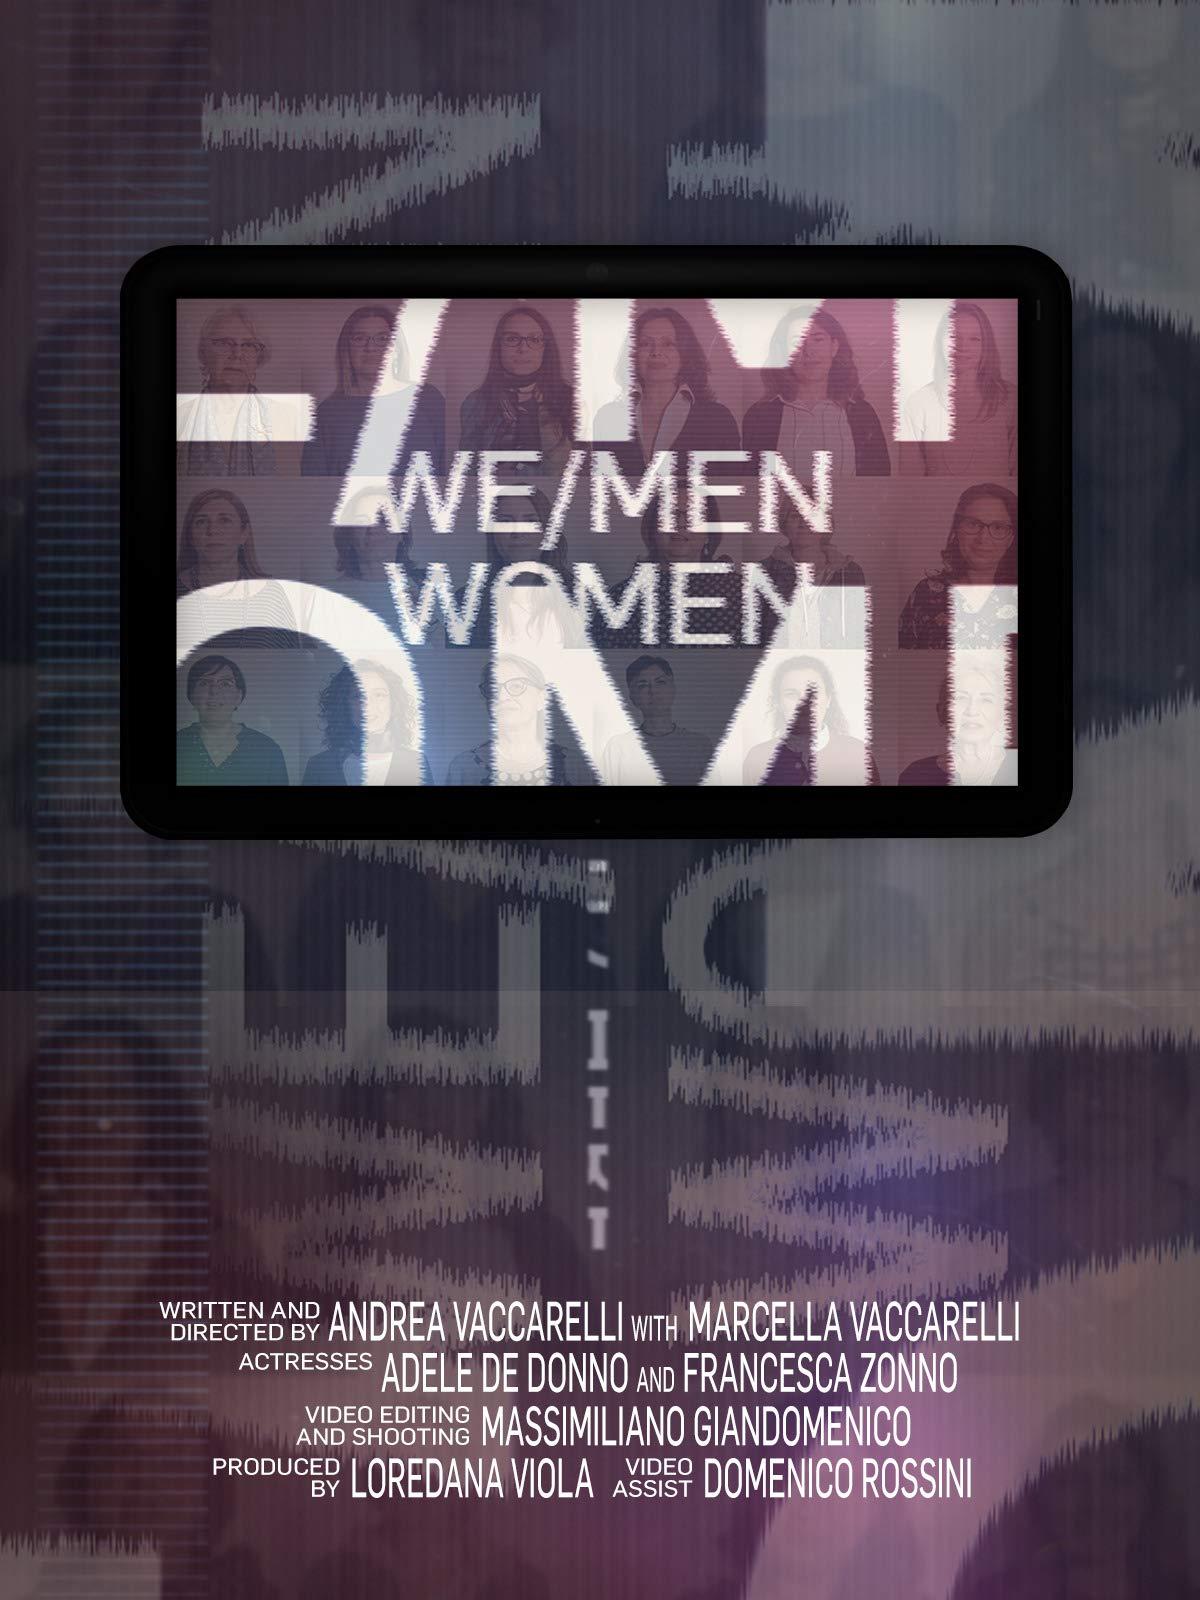 We/Men Women